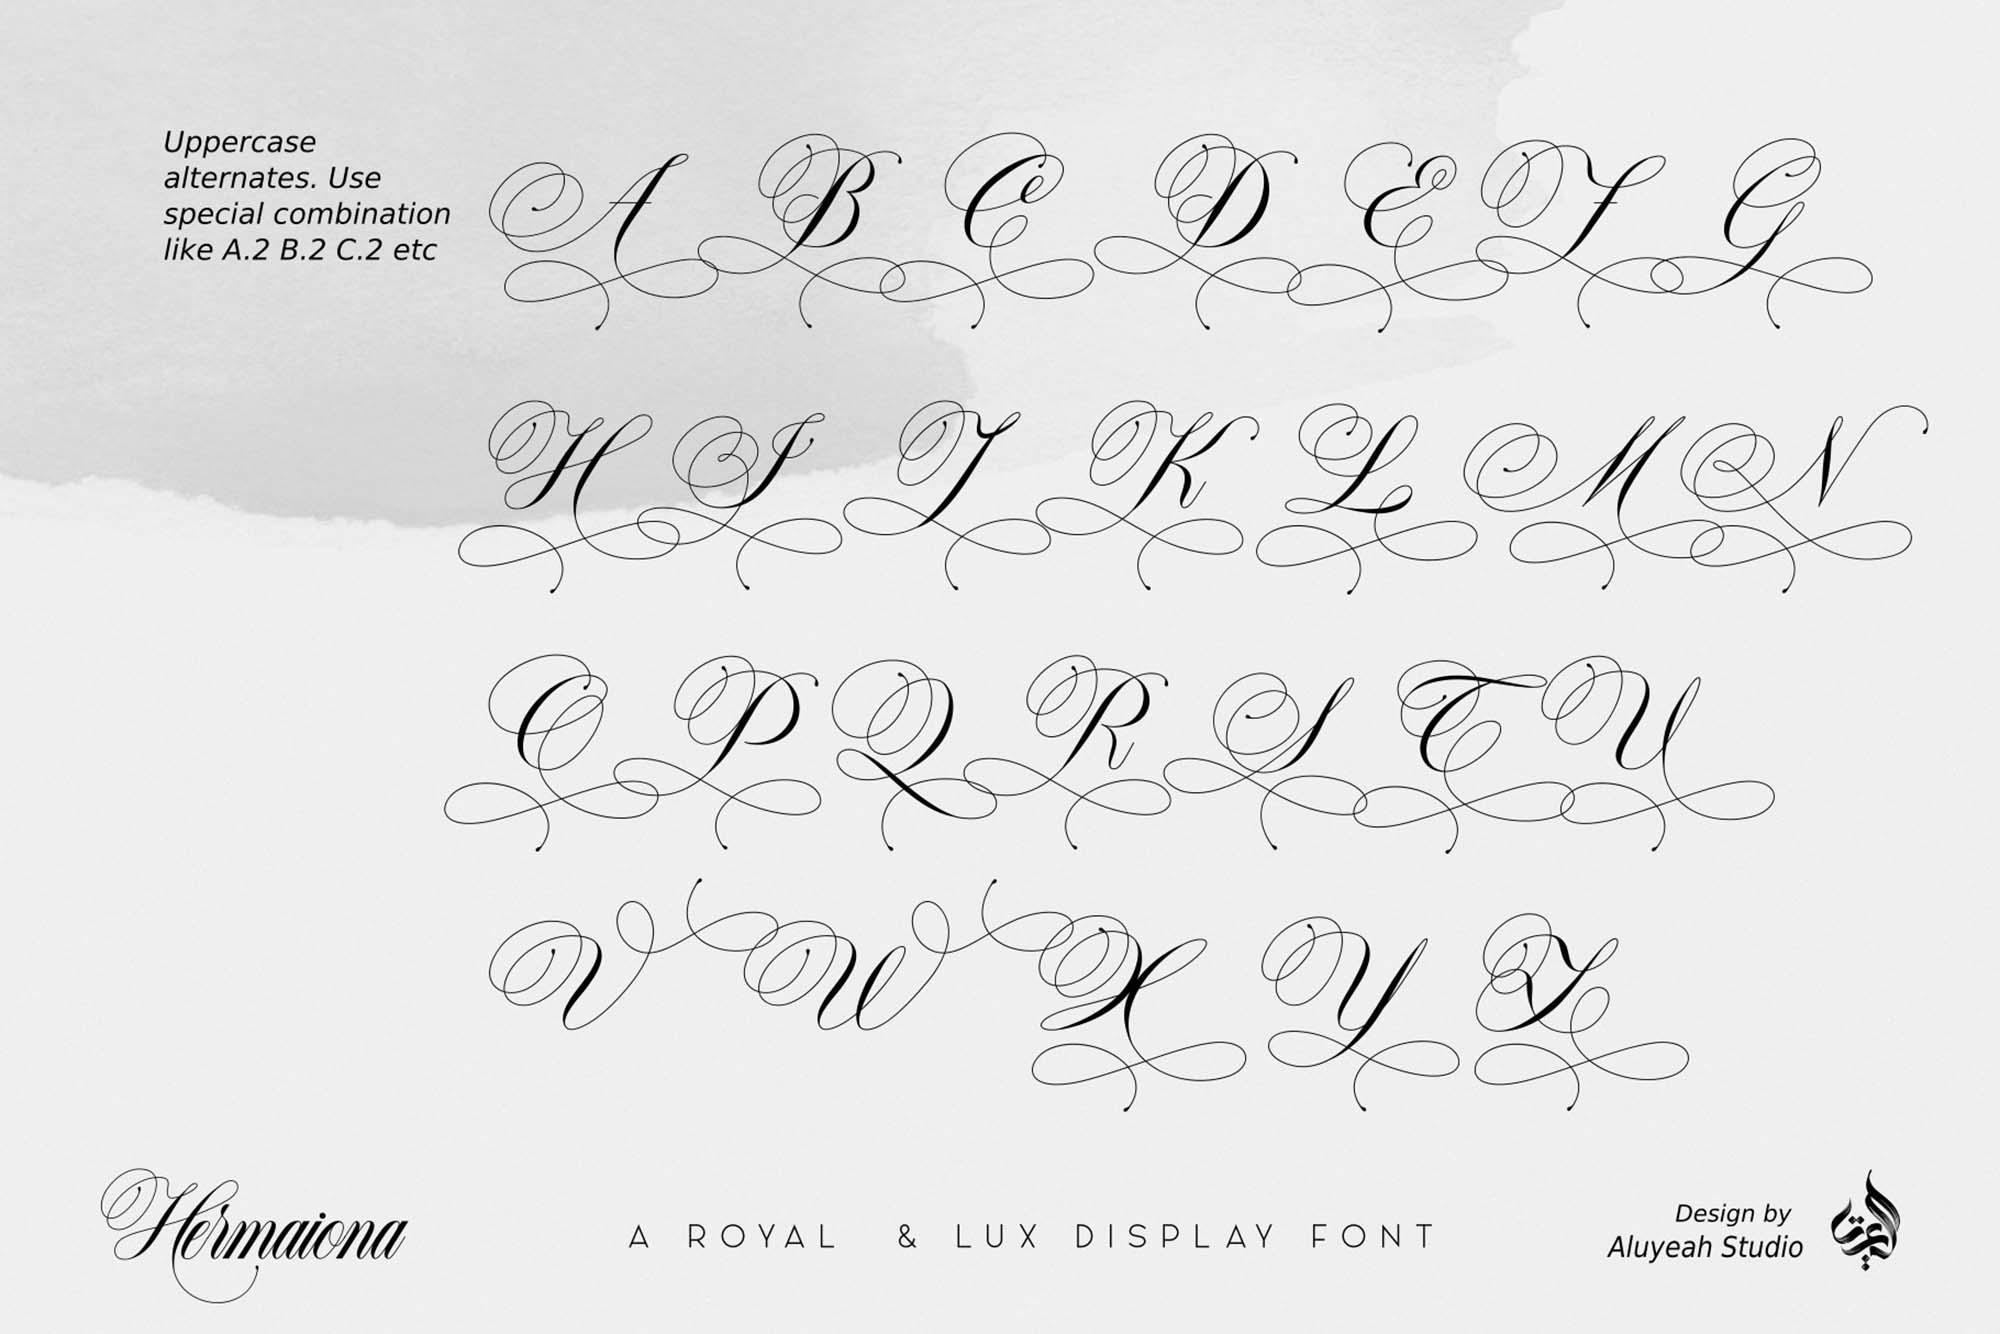 Hermaiona Royal Font 9